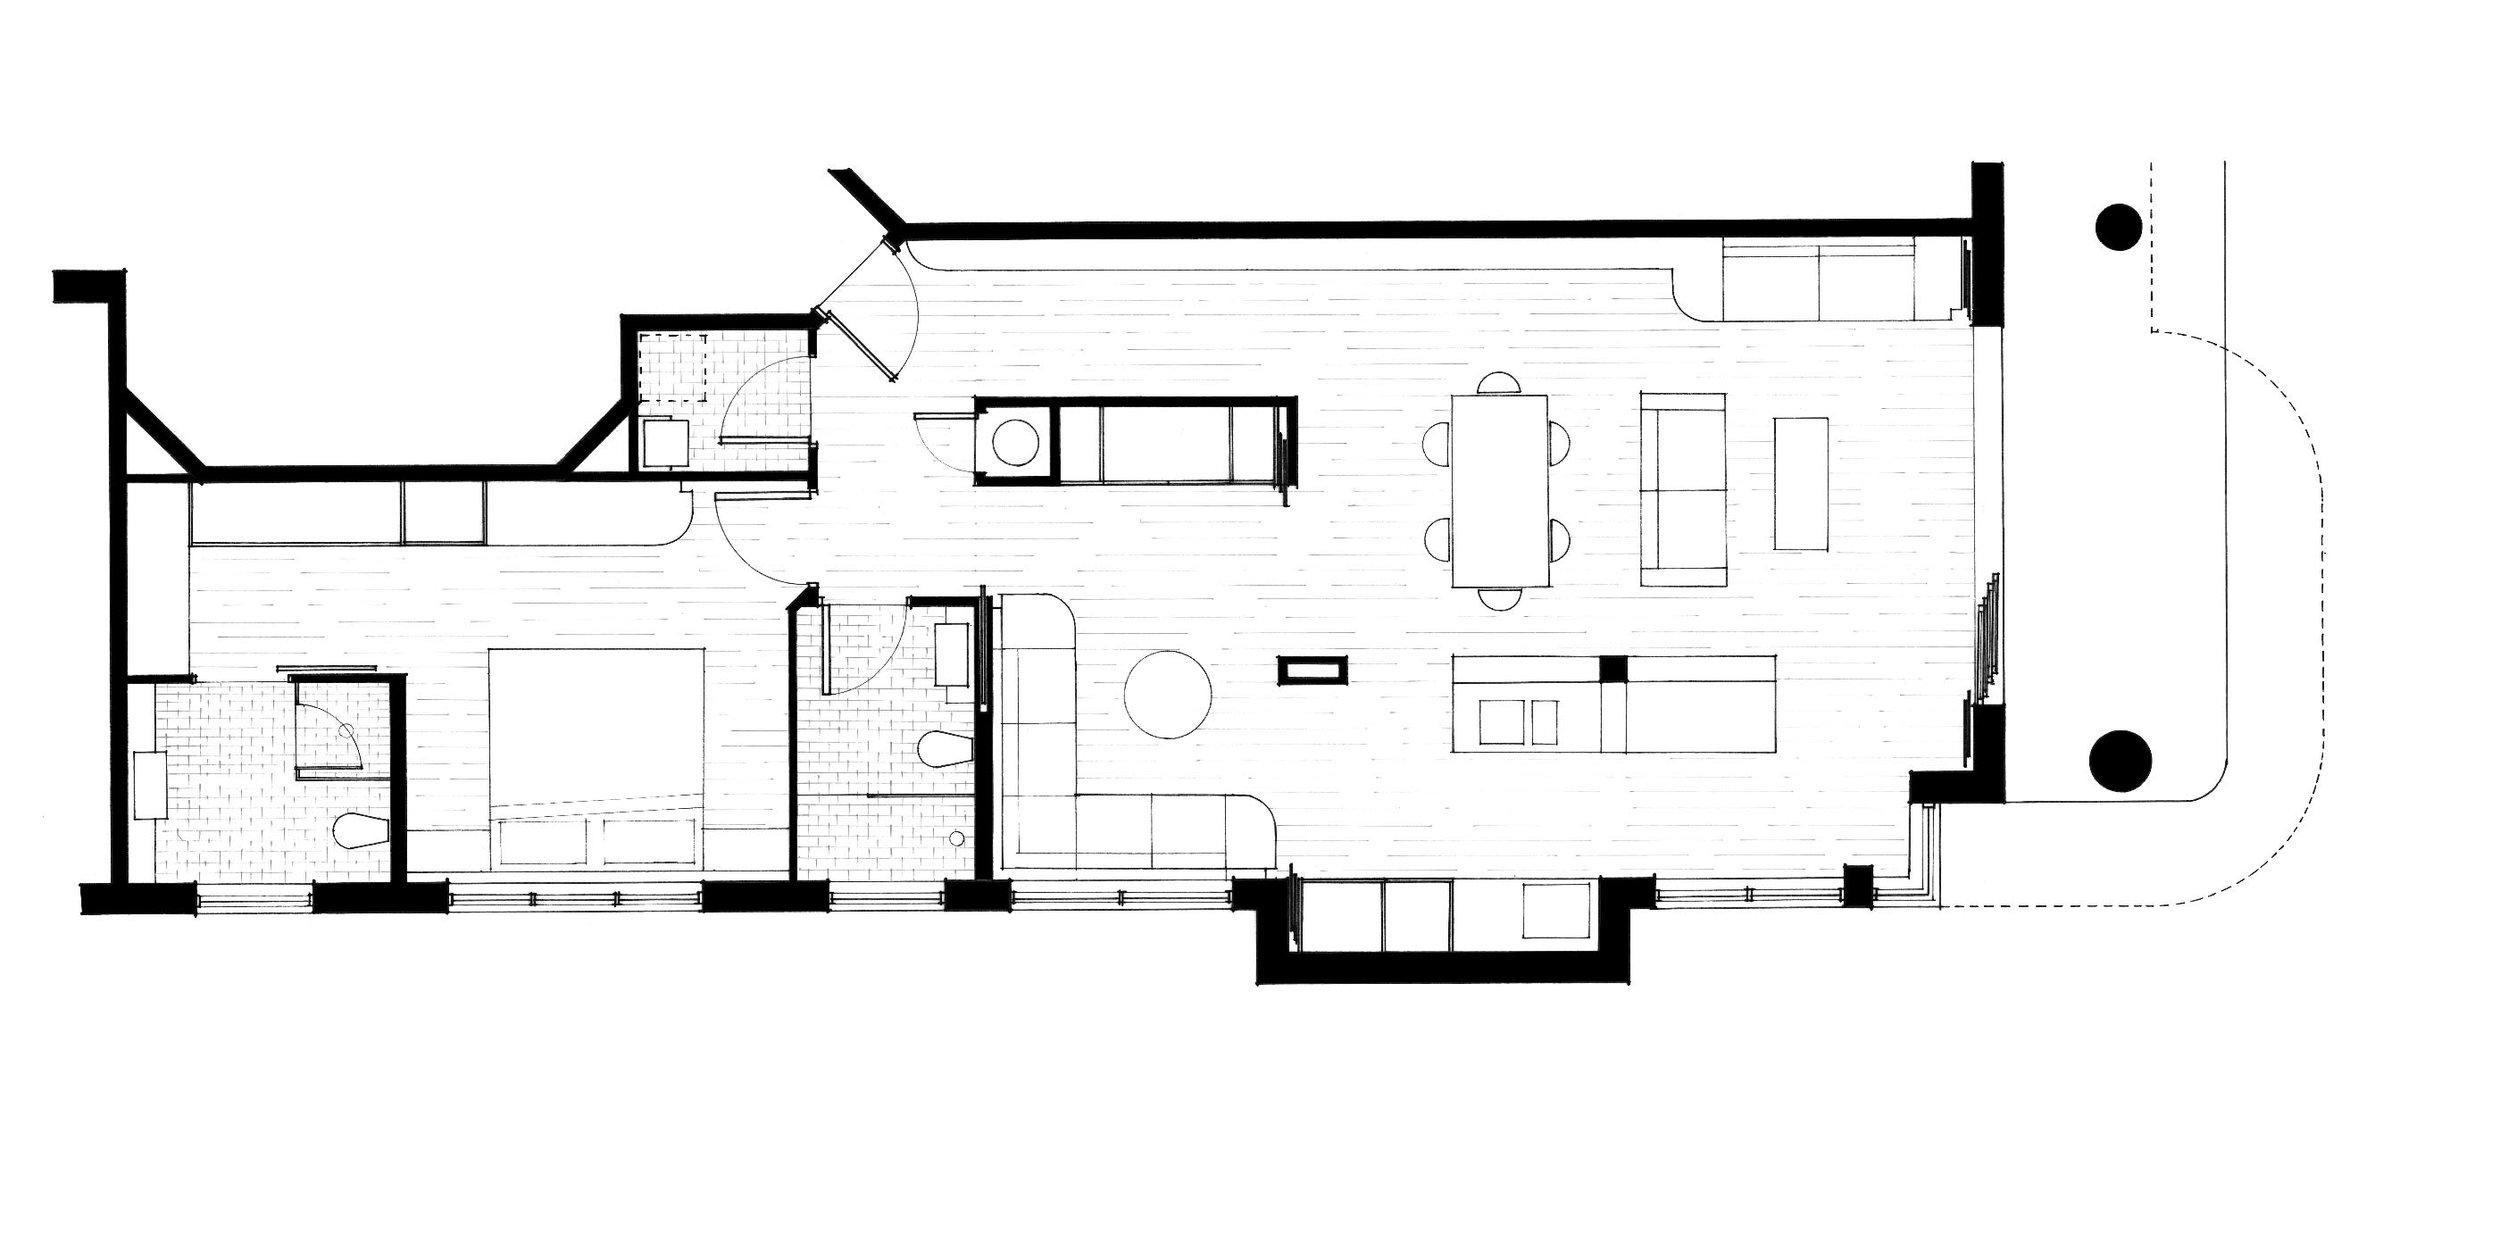 06-proposed-sketch-01.jpg